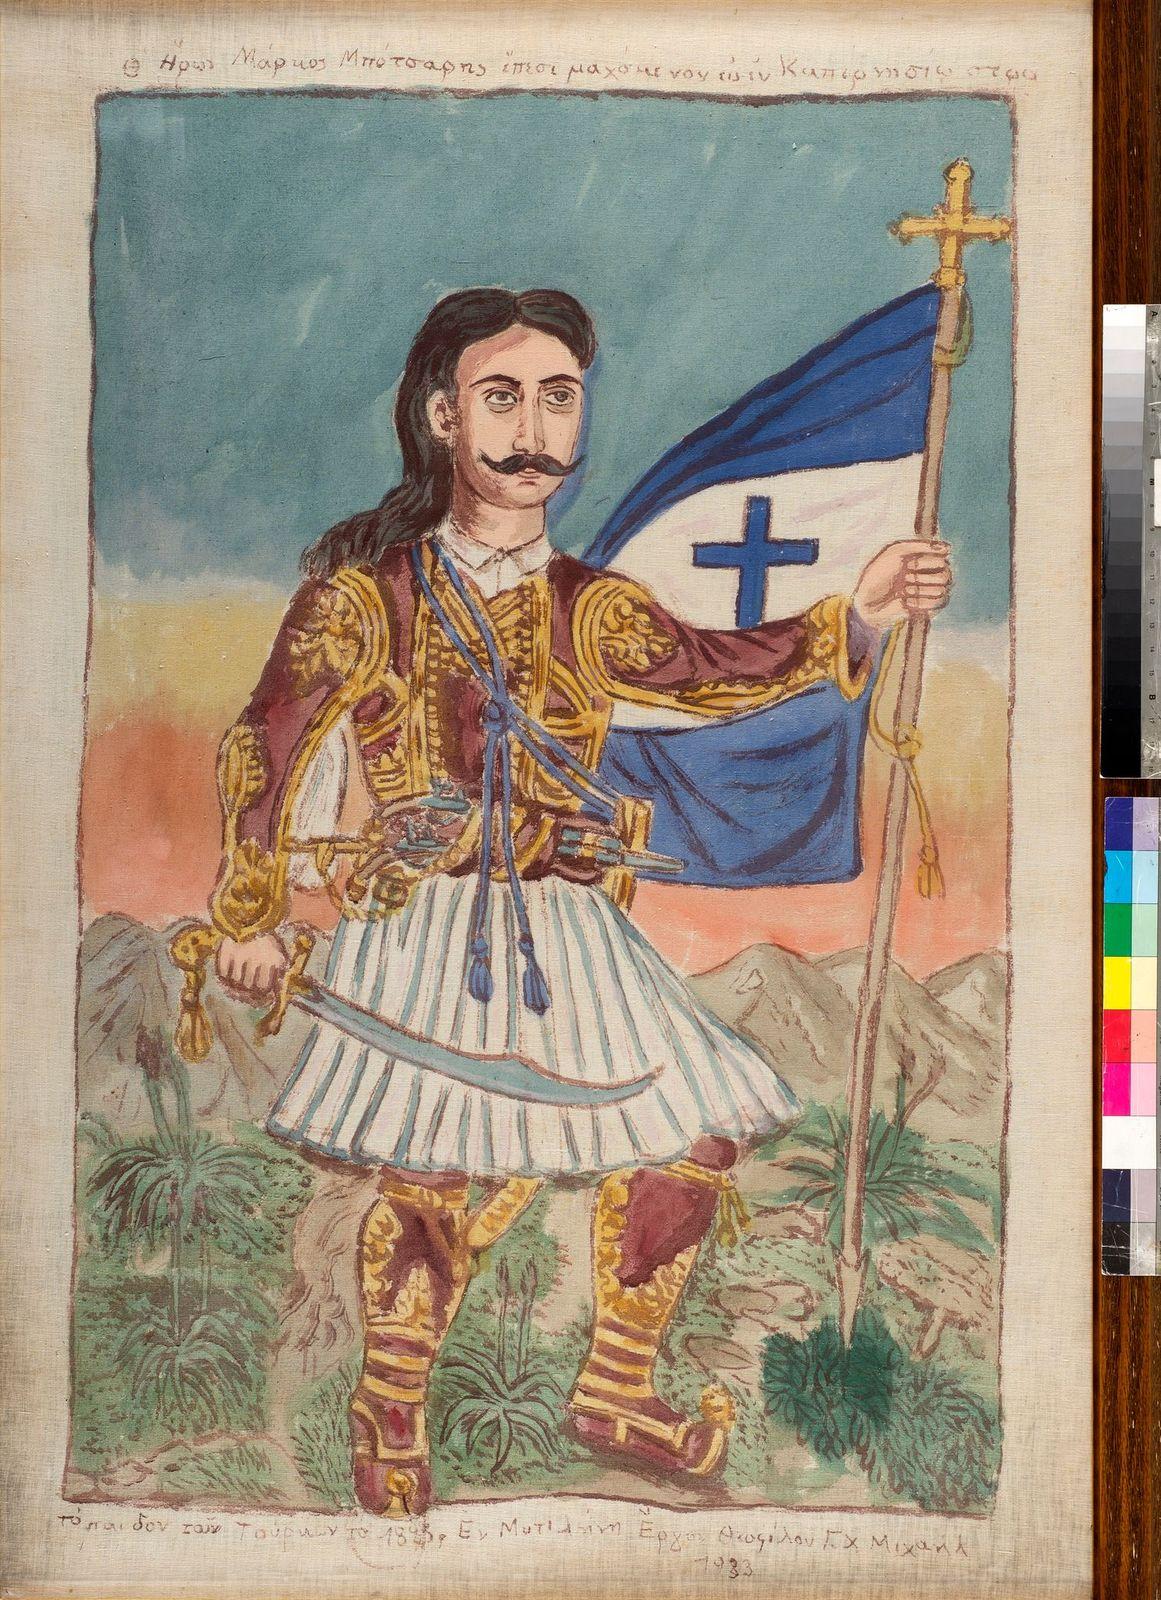 Θεόφιλος Χατζημιχαήλ (1871-1934), Ο Ήρως Μάρκος Μπότσαρης, 1933, λάδι σε πανί, 119×81 εκ. Συλλογή Alpha Bank AA 4726